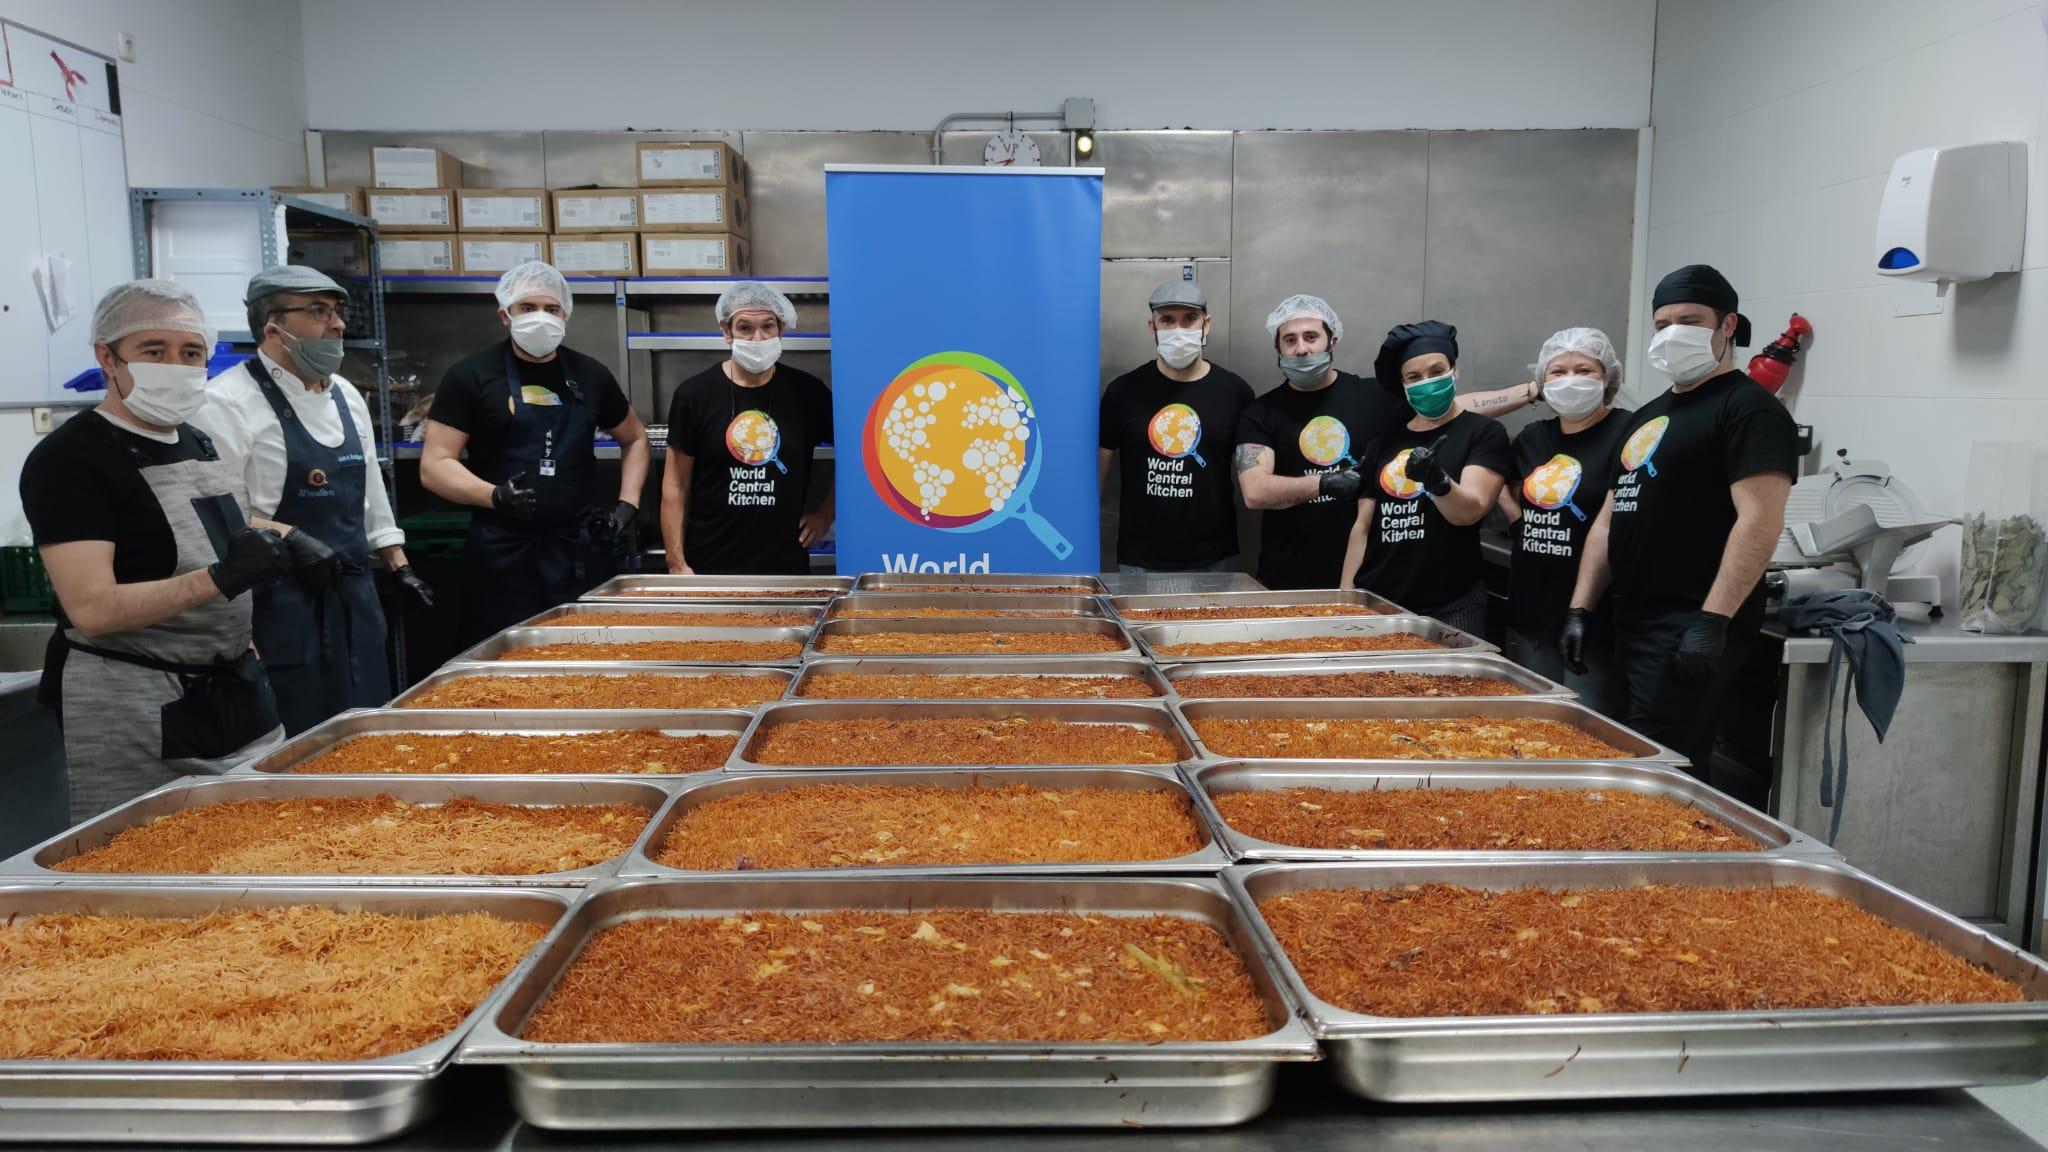 World Central Kitchen alimenta cada día a 1.500 personas en Marbella y San Pedro